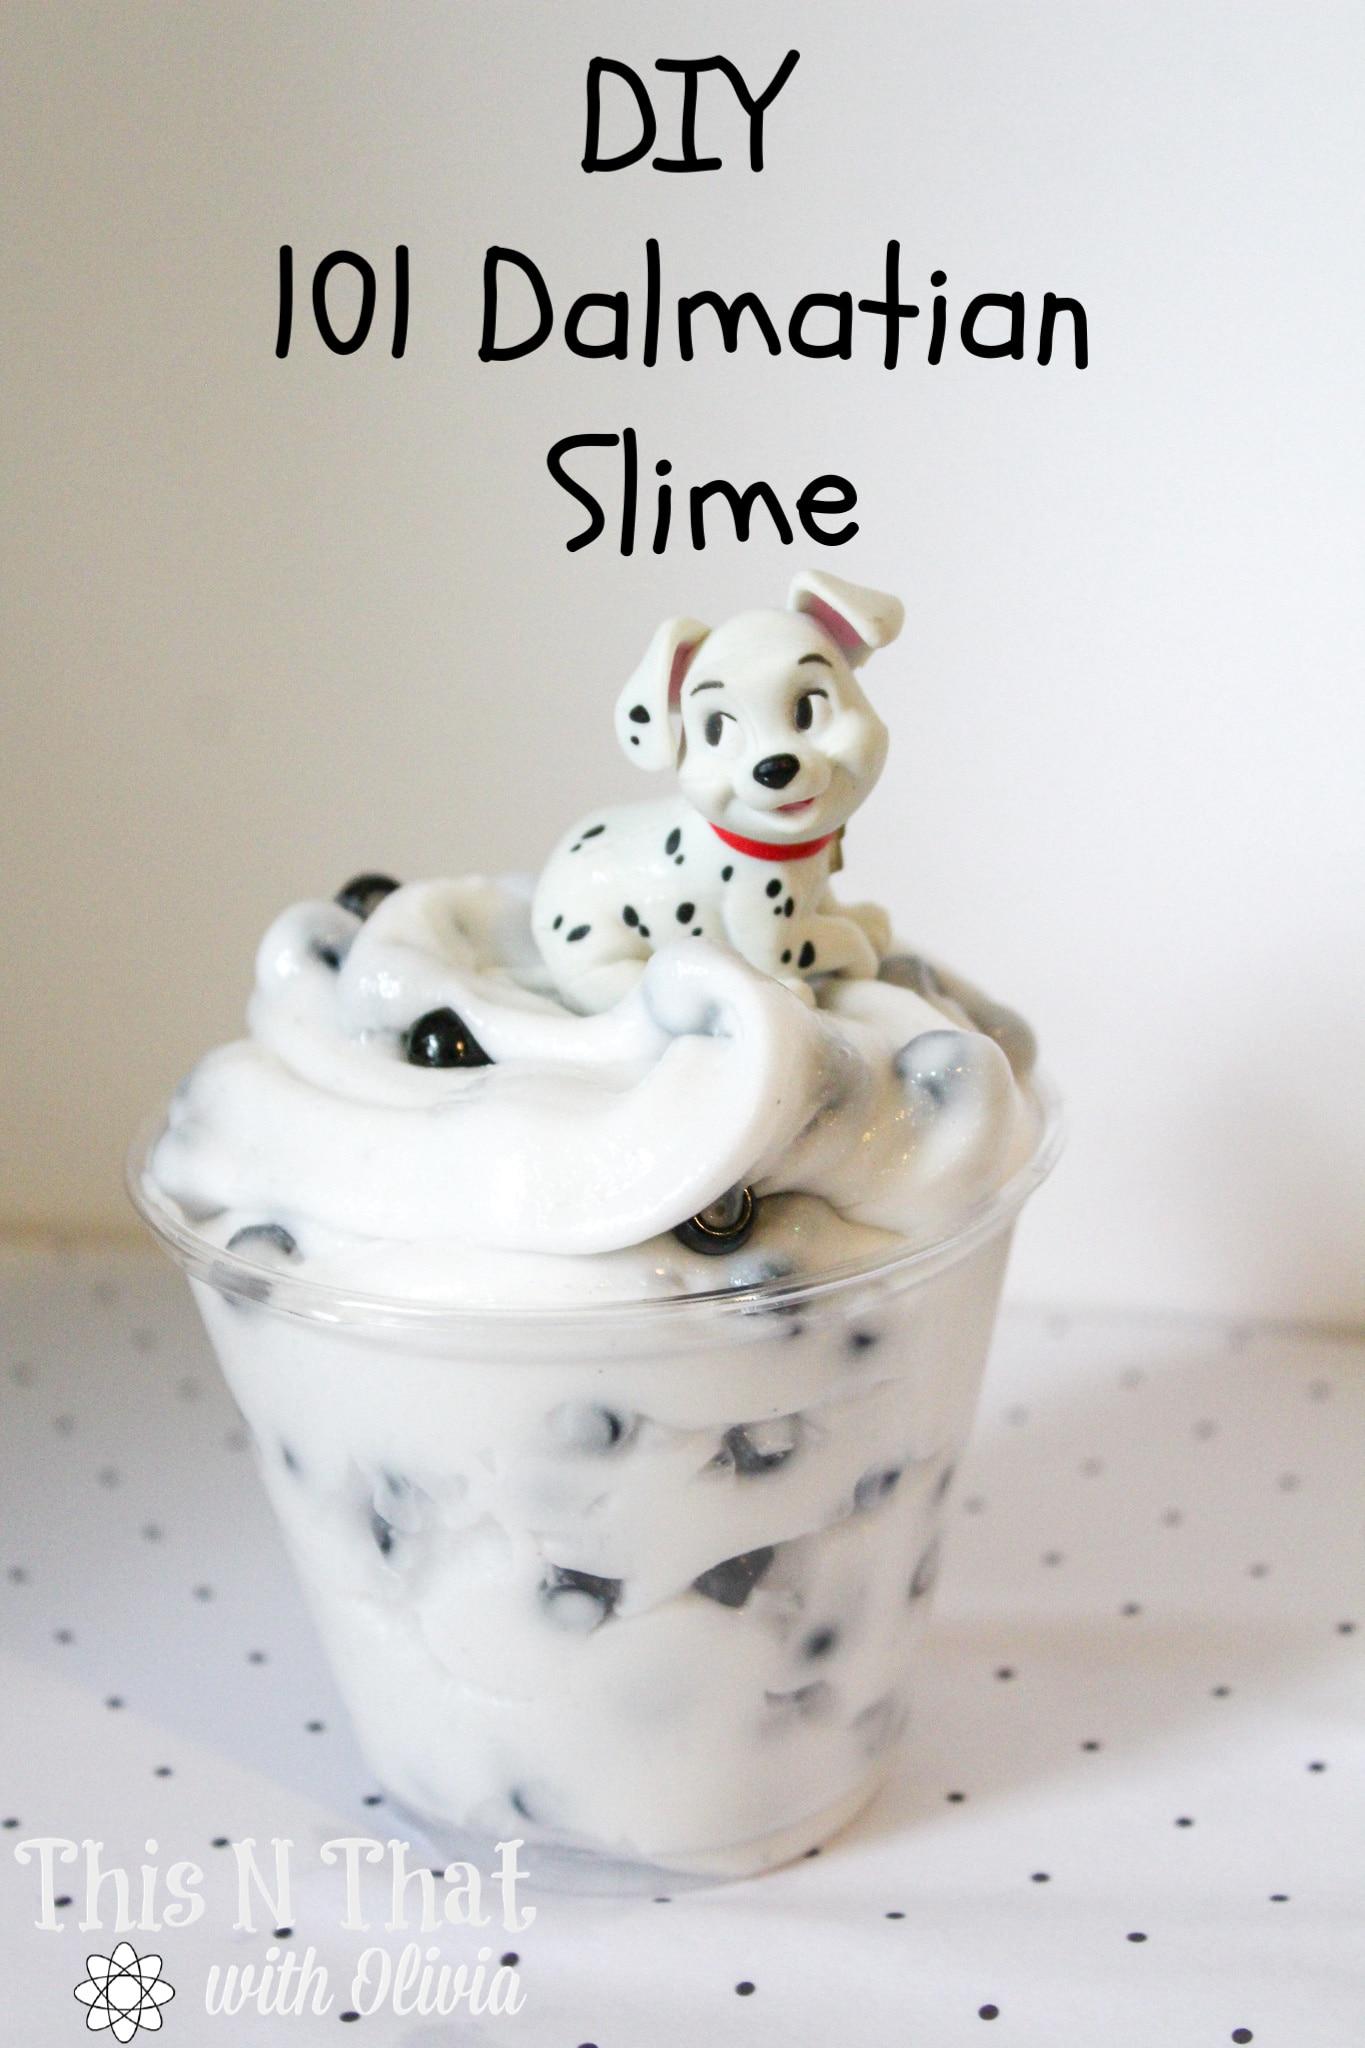 DIY 101 Dalmatian Slime Tutorial